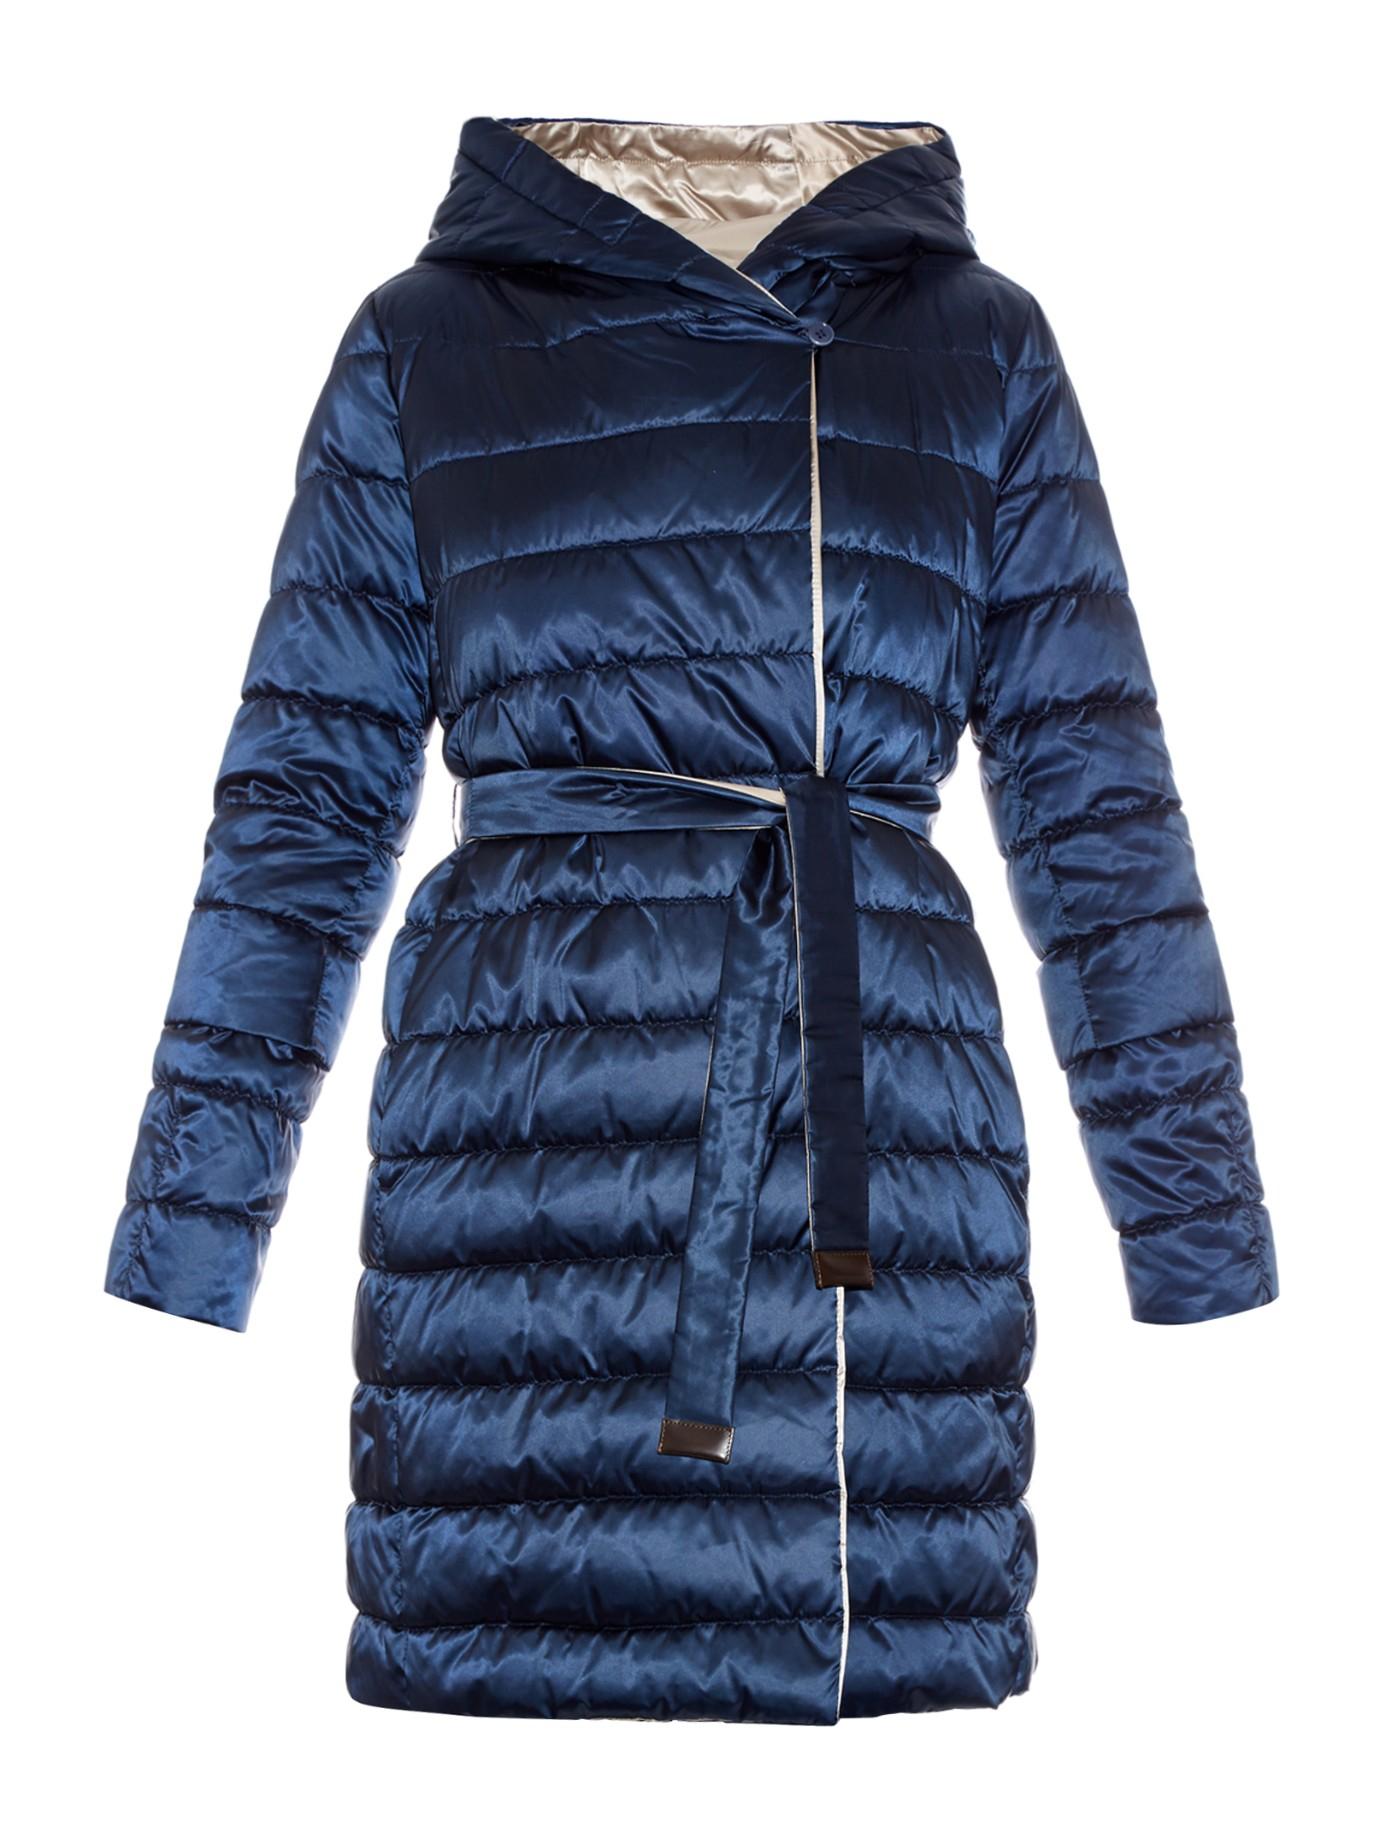 S Max Mara Cube Novef Reversible Coat In Blue Lyst